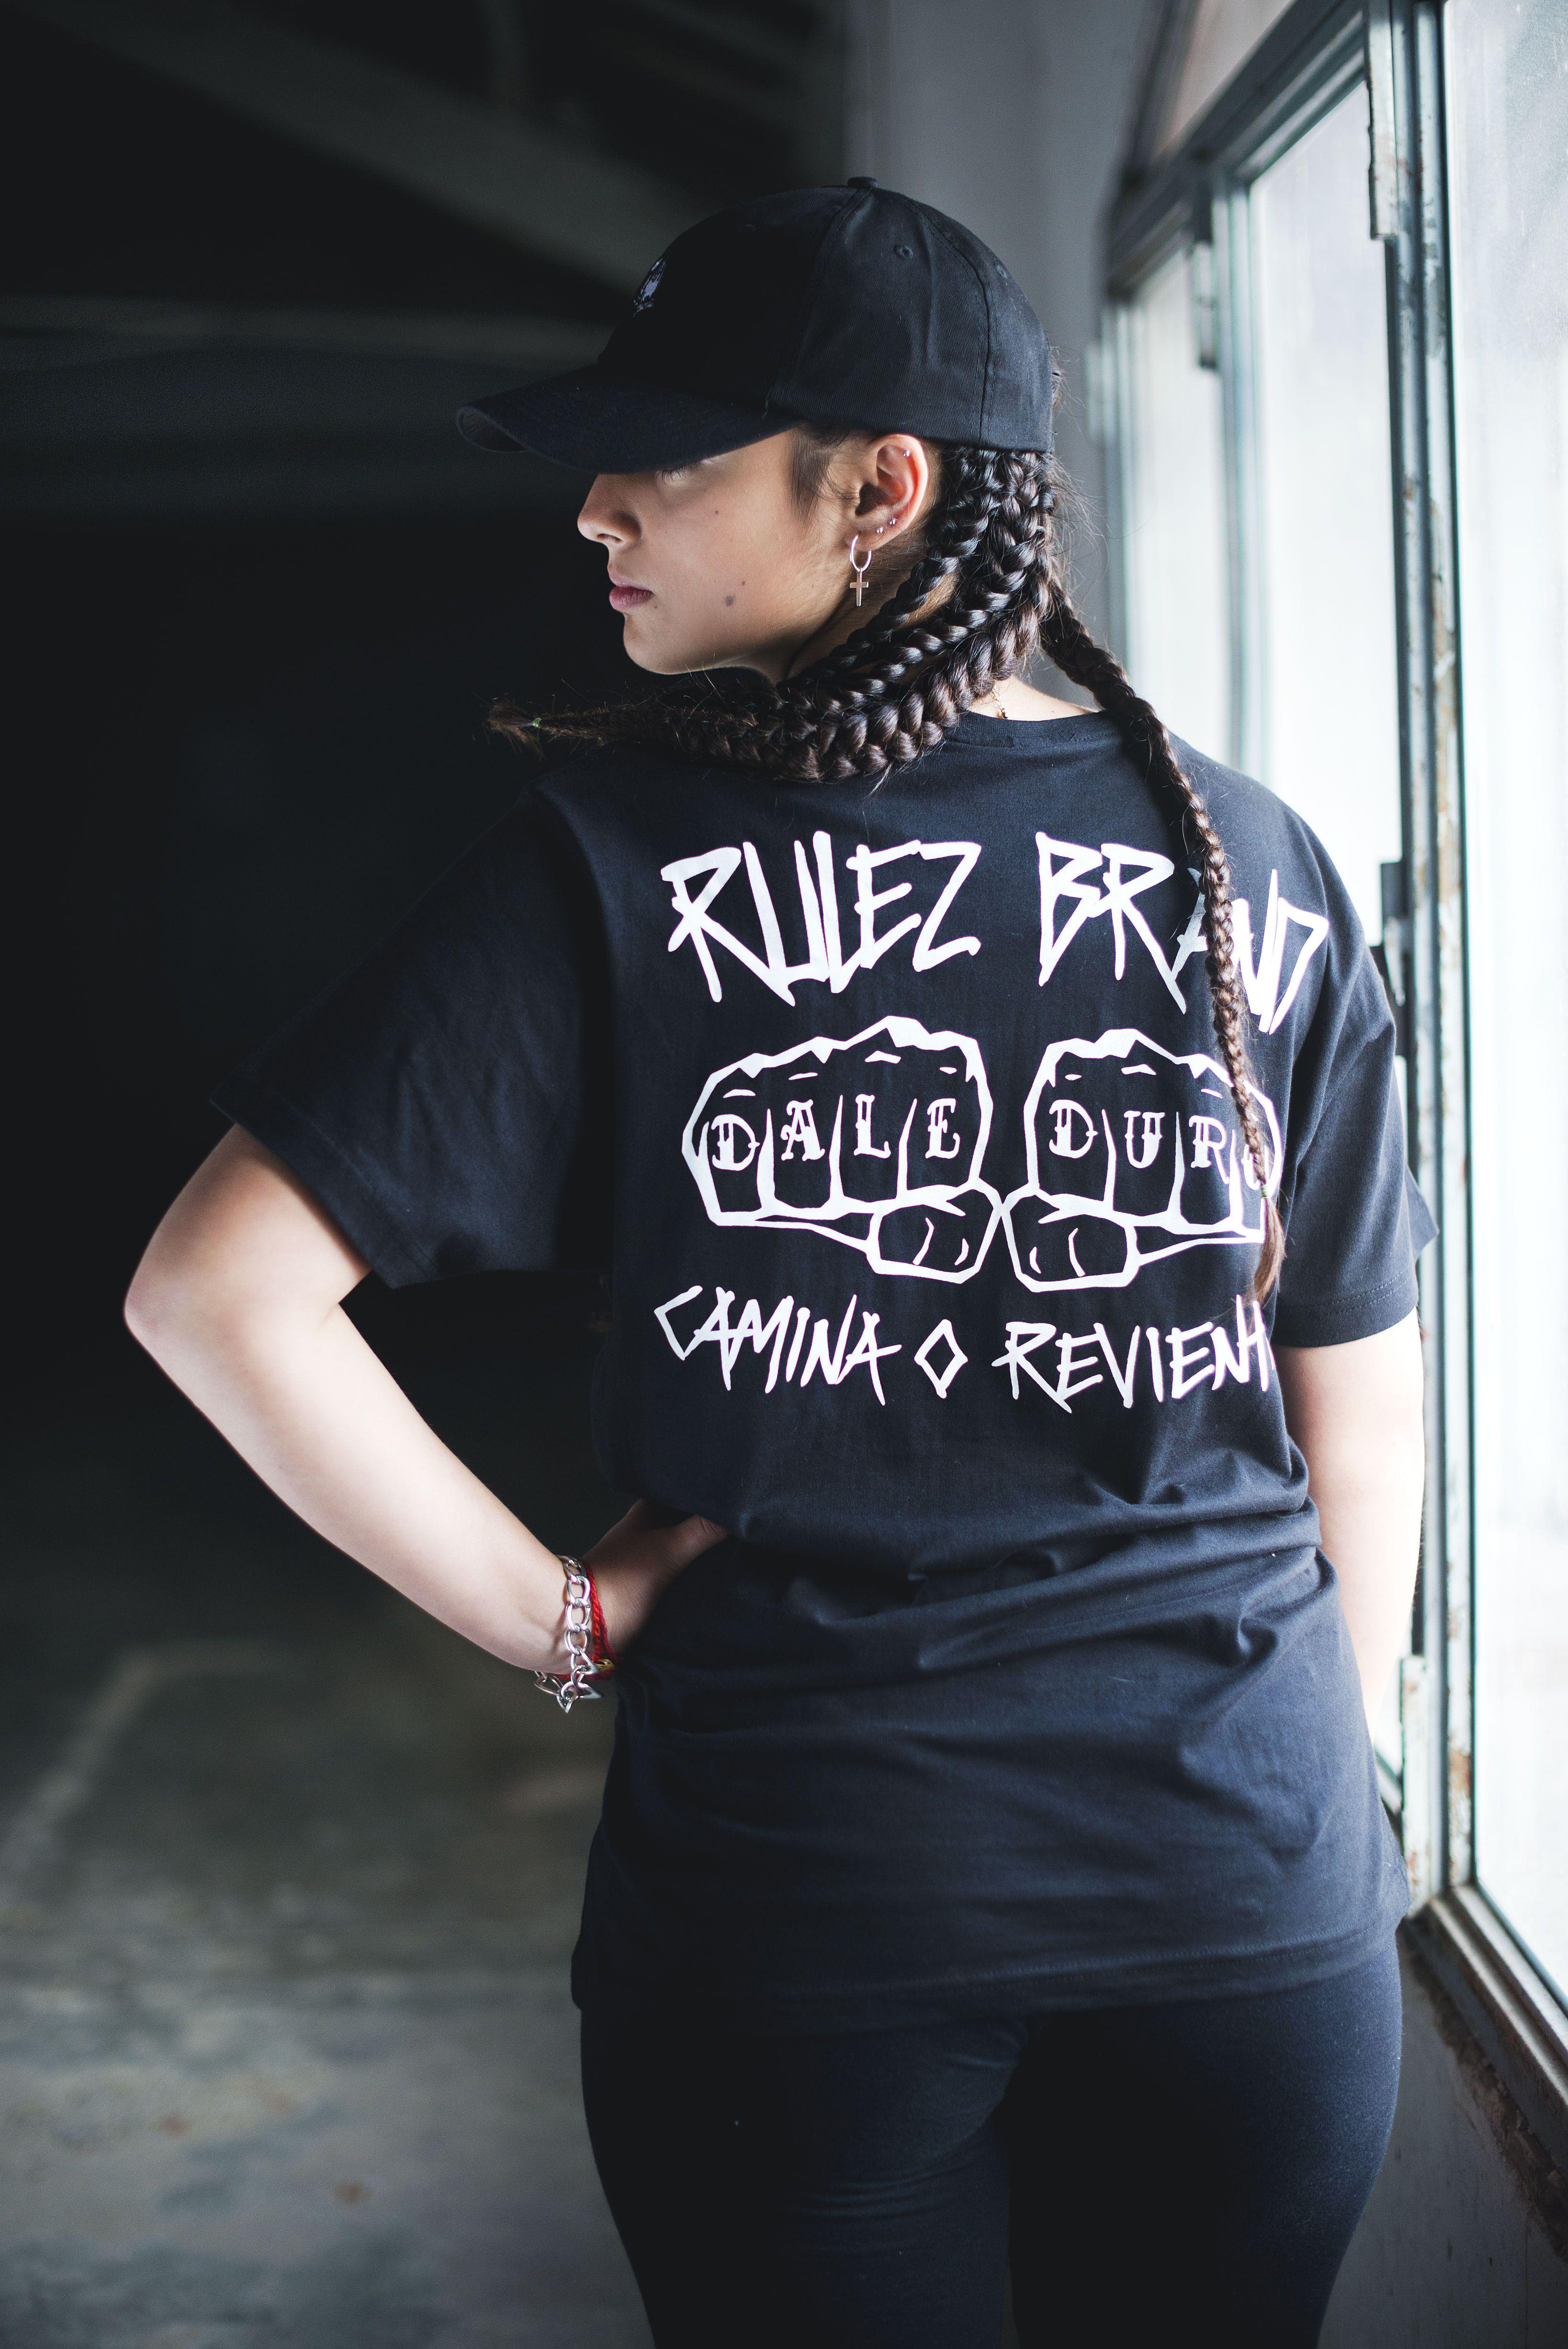 eccba755c4af4 Nueva camiseta Rulez Wear   Dale Duro Tienda de ropa hip hop